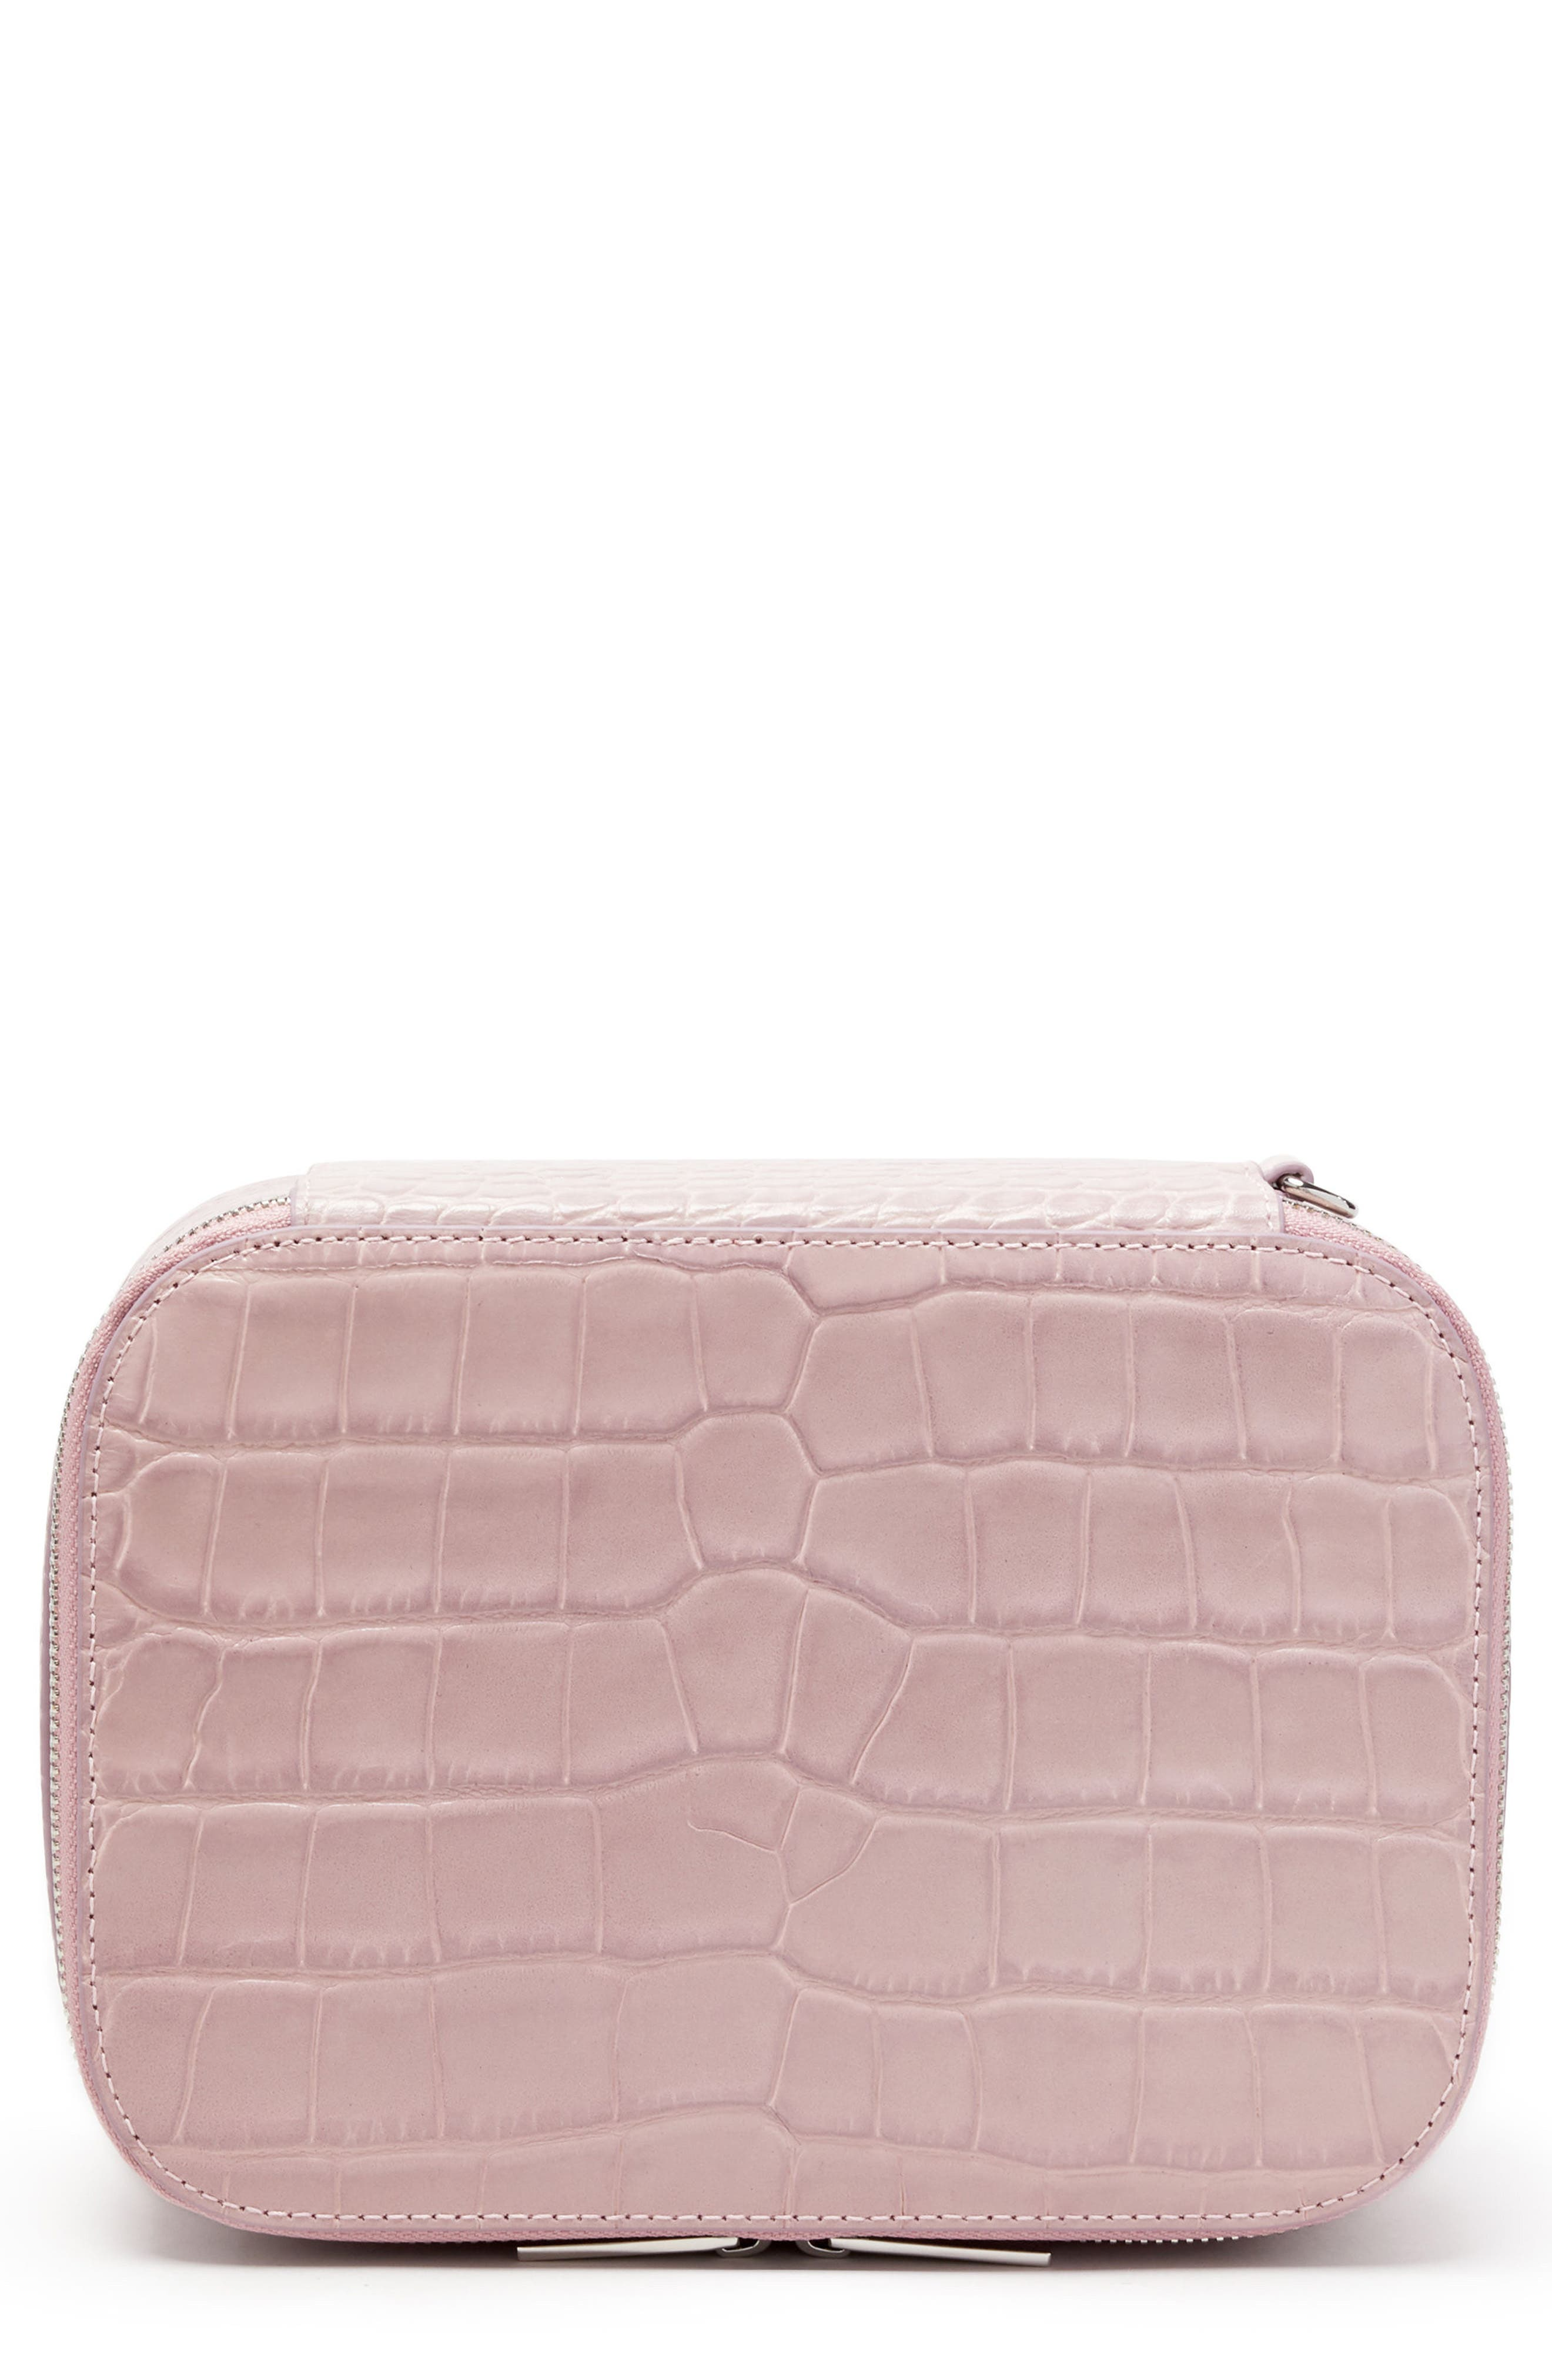 Croc Embossed Bigger Makeup Bag,                         Main,                         color, 500